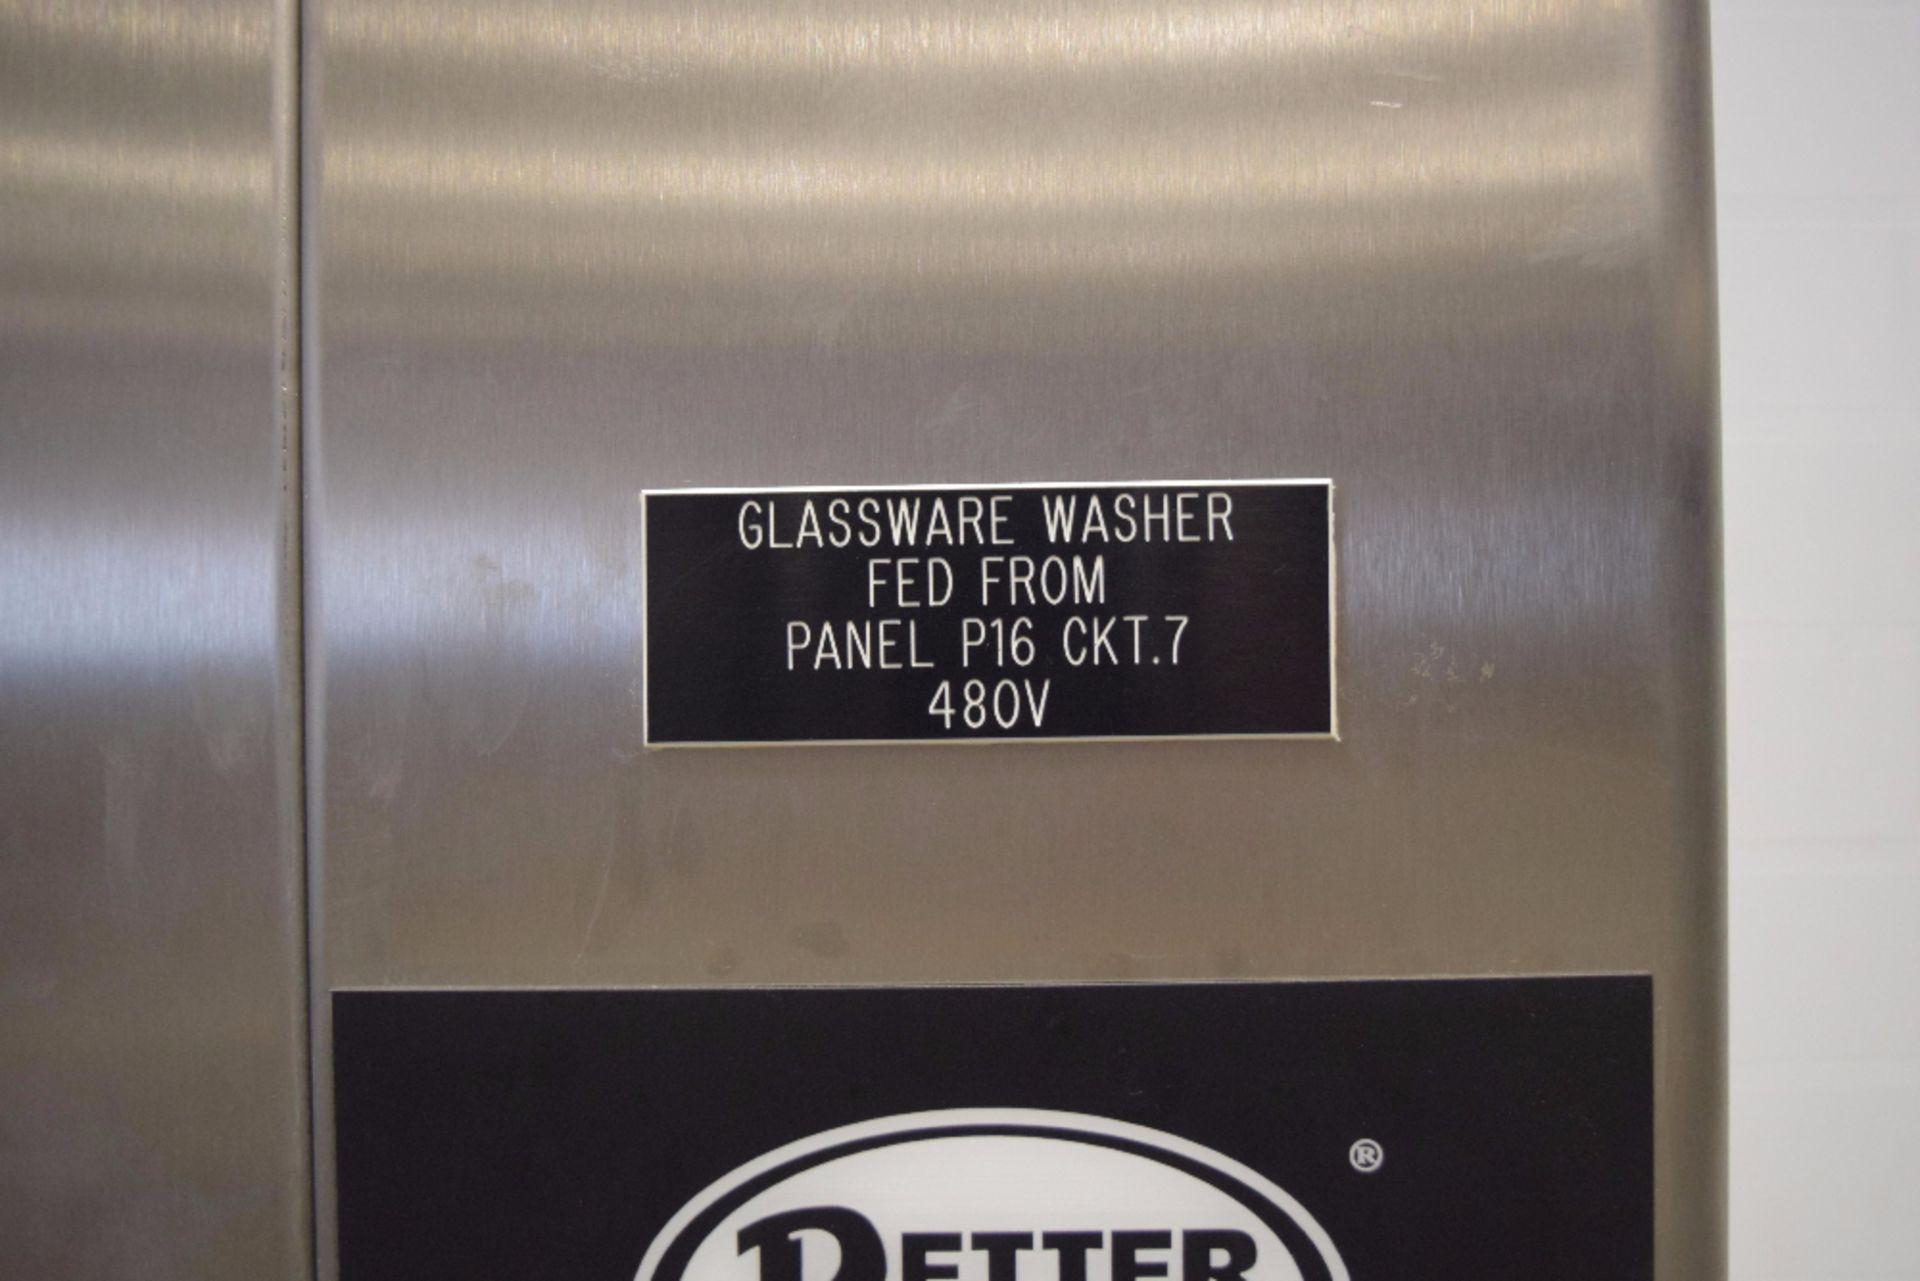 Better Built G403 Multi-Level Glassware Washer - Image 4 of 7